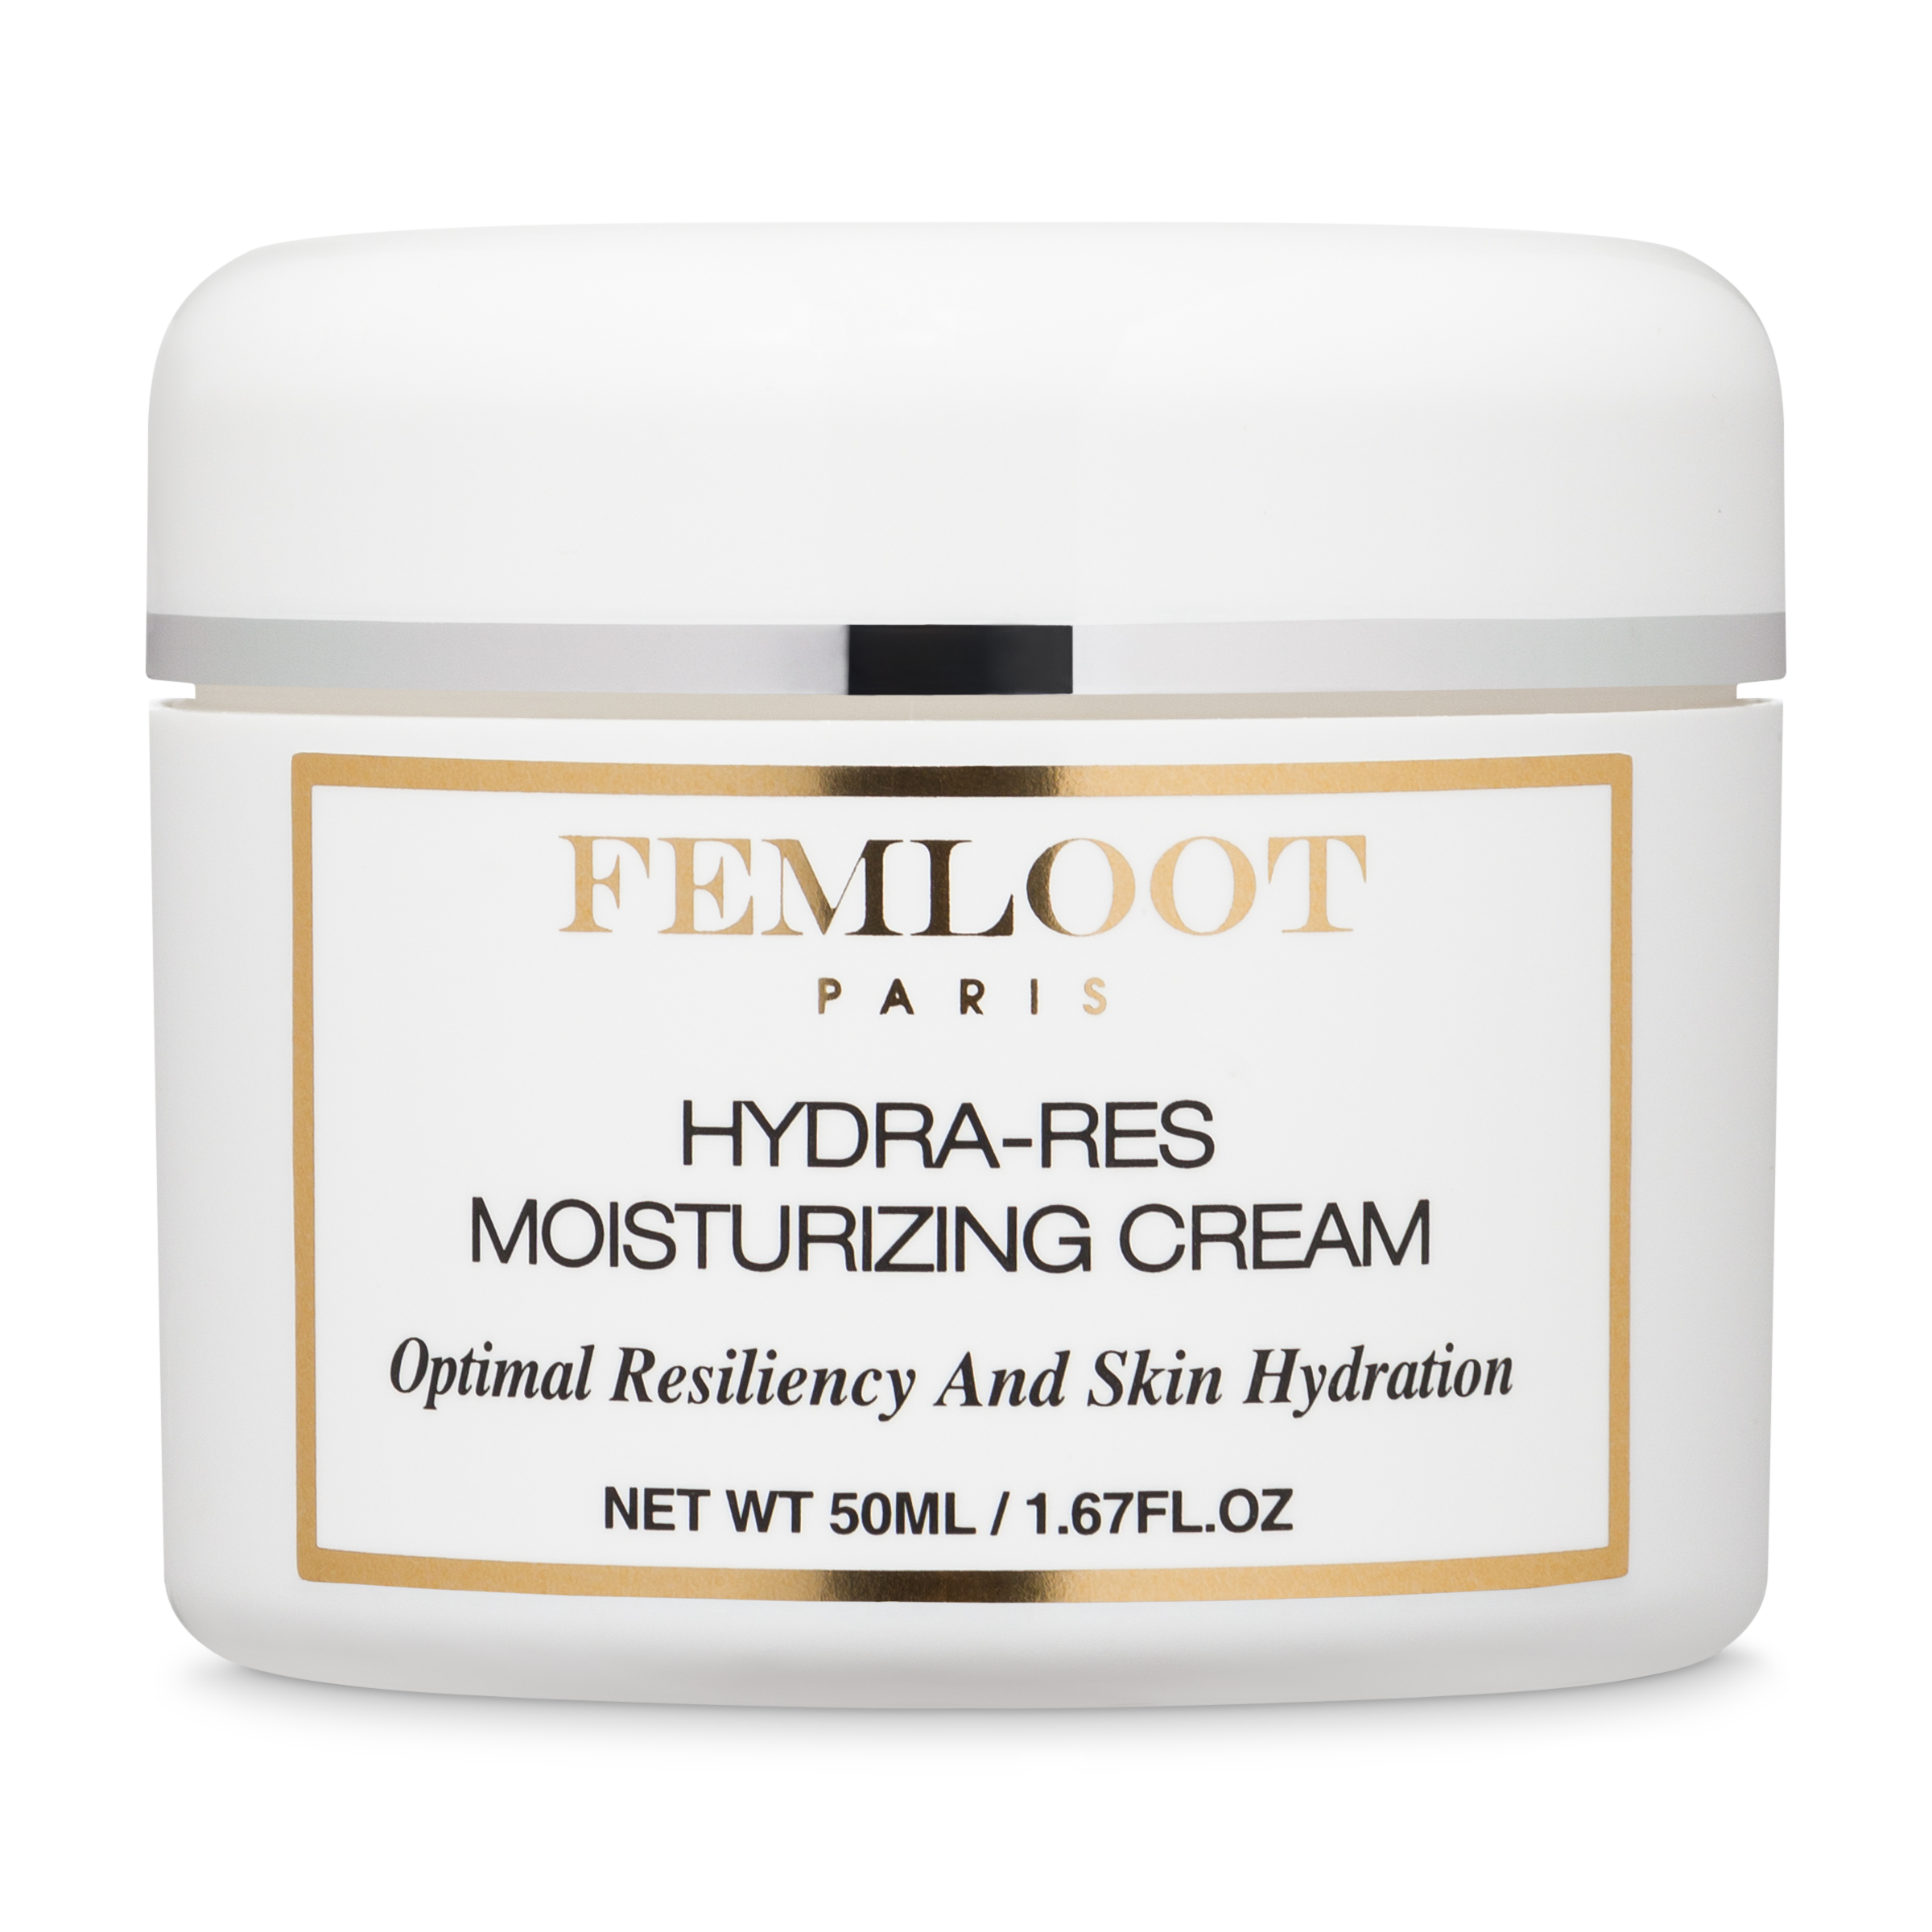 Moisturizing cream product image